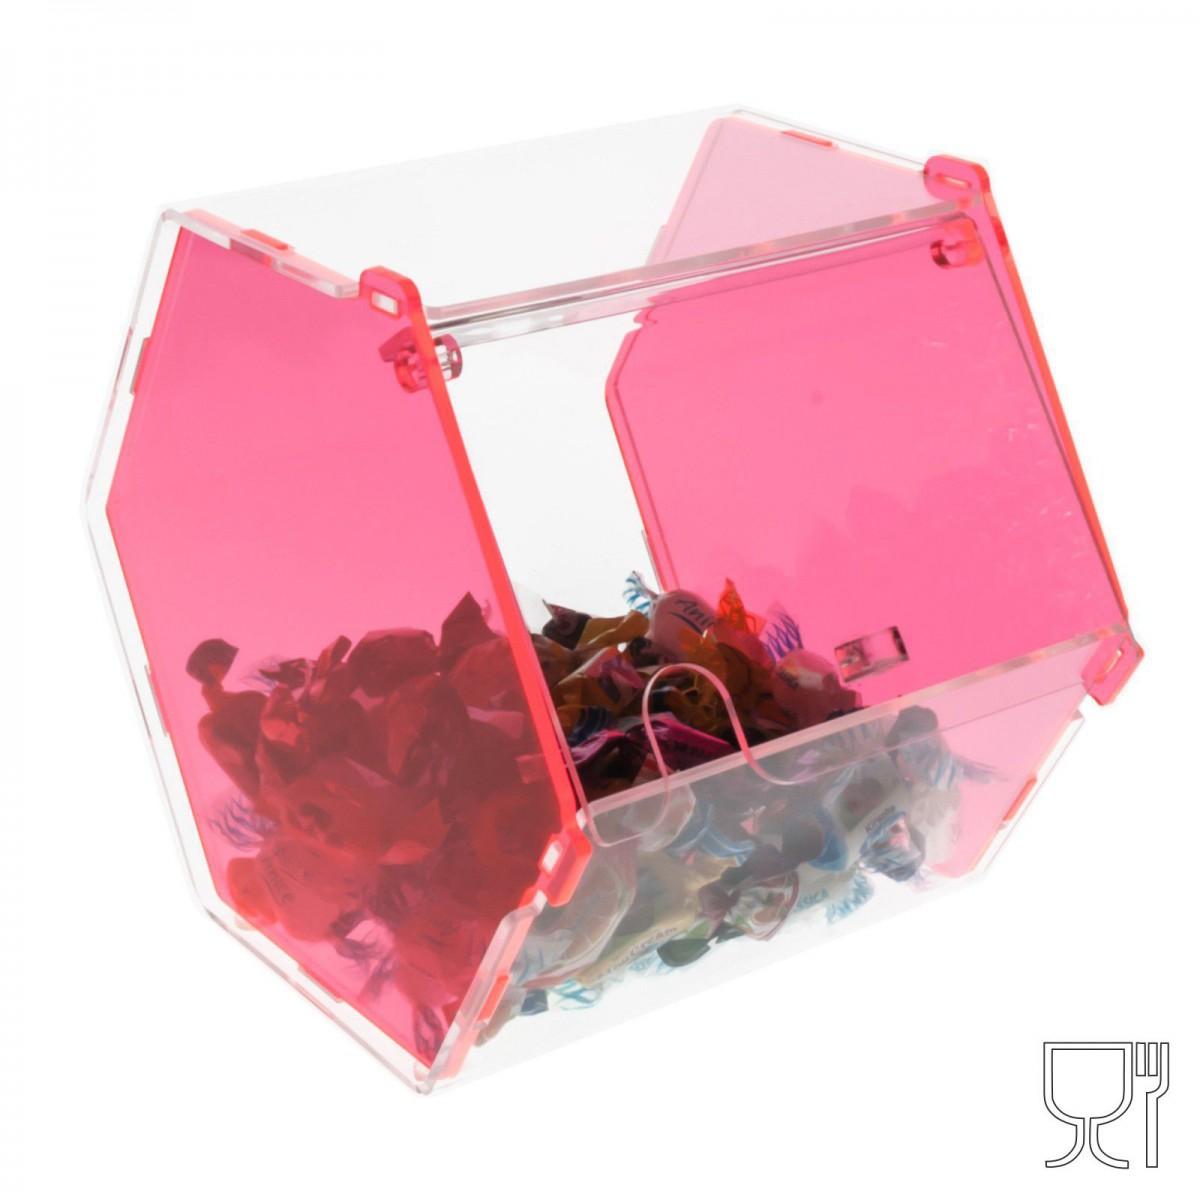 E-037 PC-B - Porta caramelle esagonale con sportello in plexiglass C